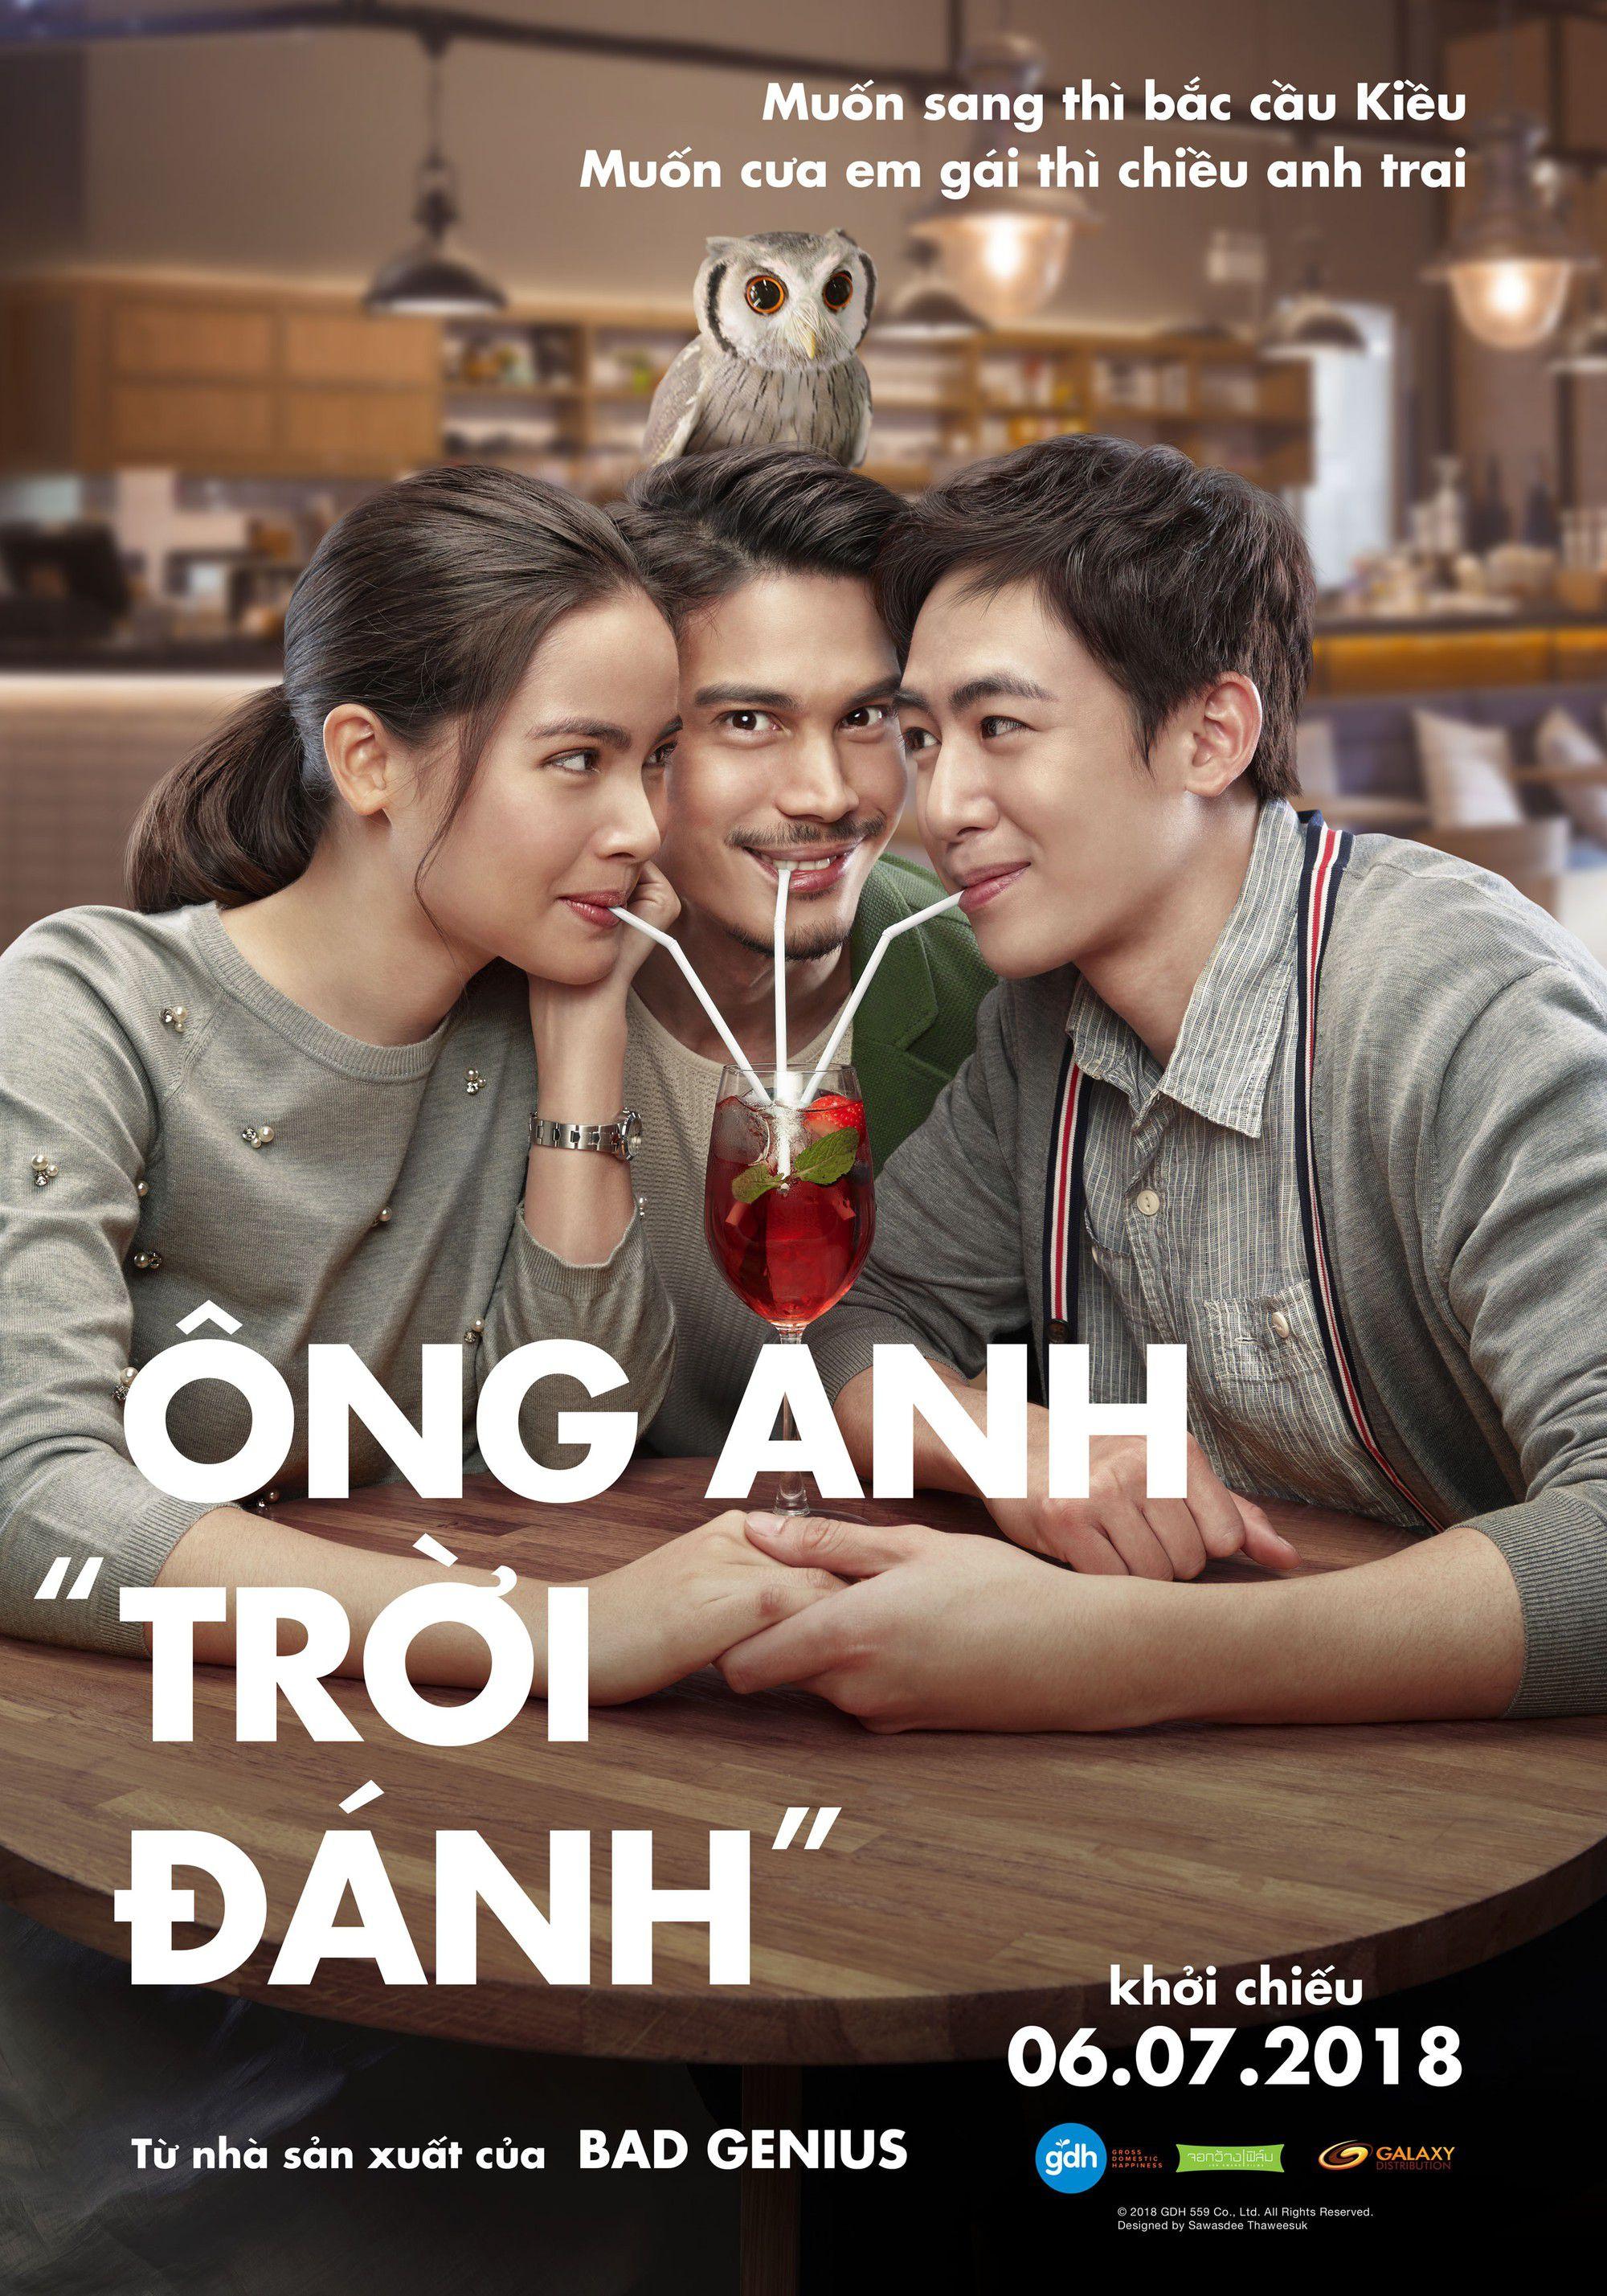 Ông Anh Trời Đánh: Phim điện ảnh Thái Lan cực hot 2018 sắp cập bến Việt Nam (1)